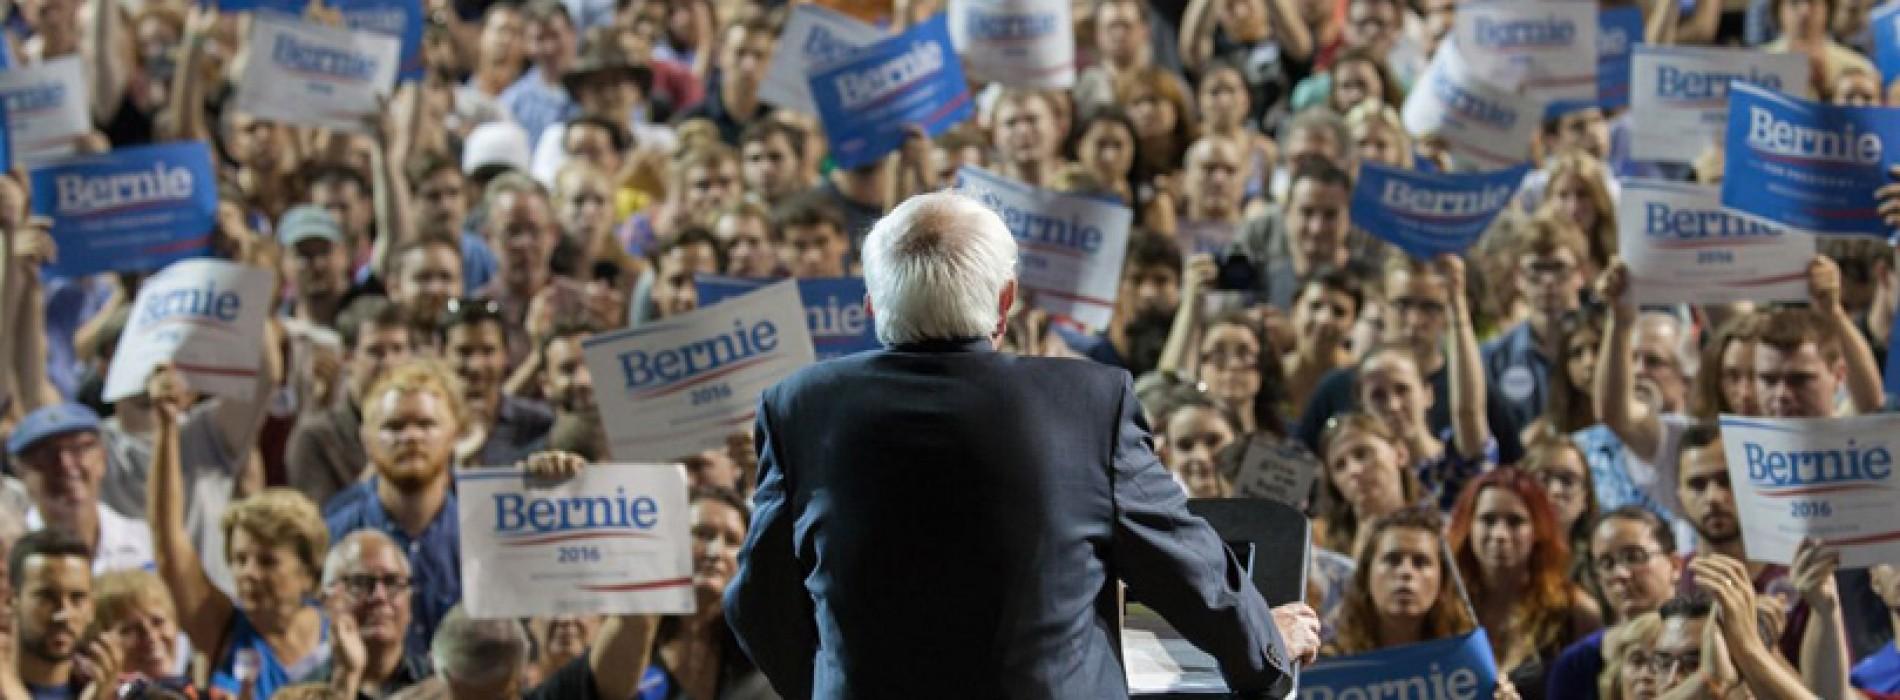 Bernie Sanders wins MPA straw poll in a landslide